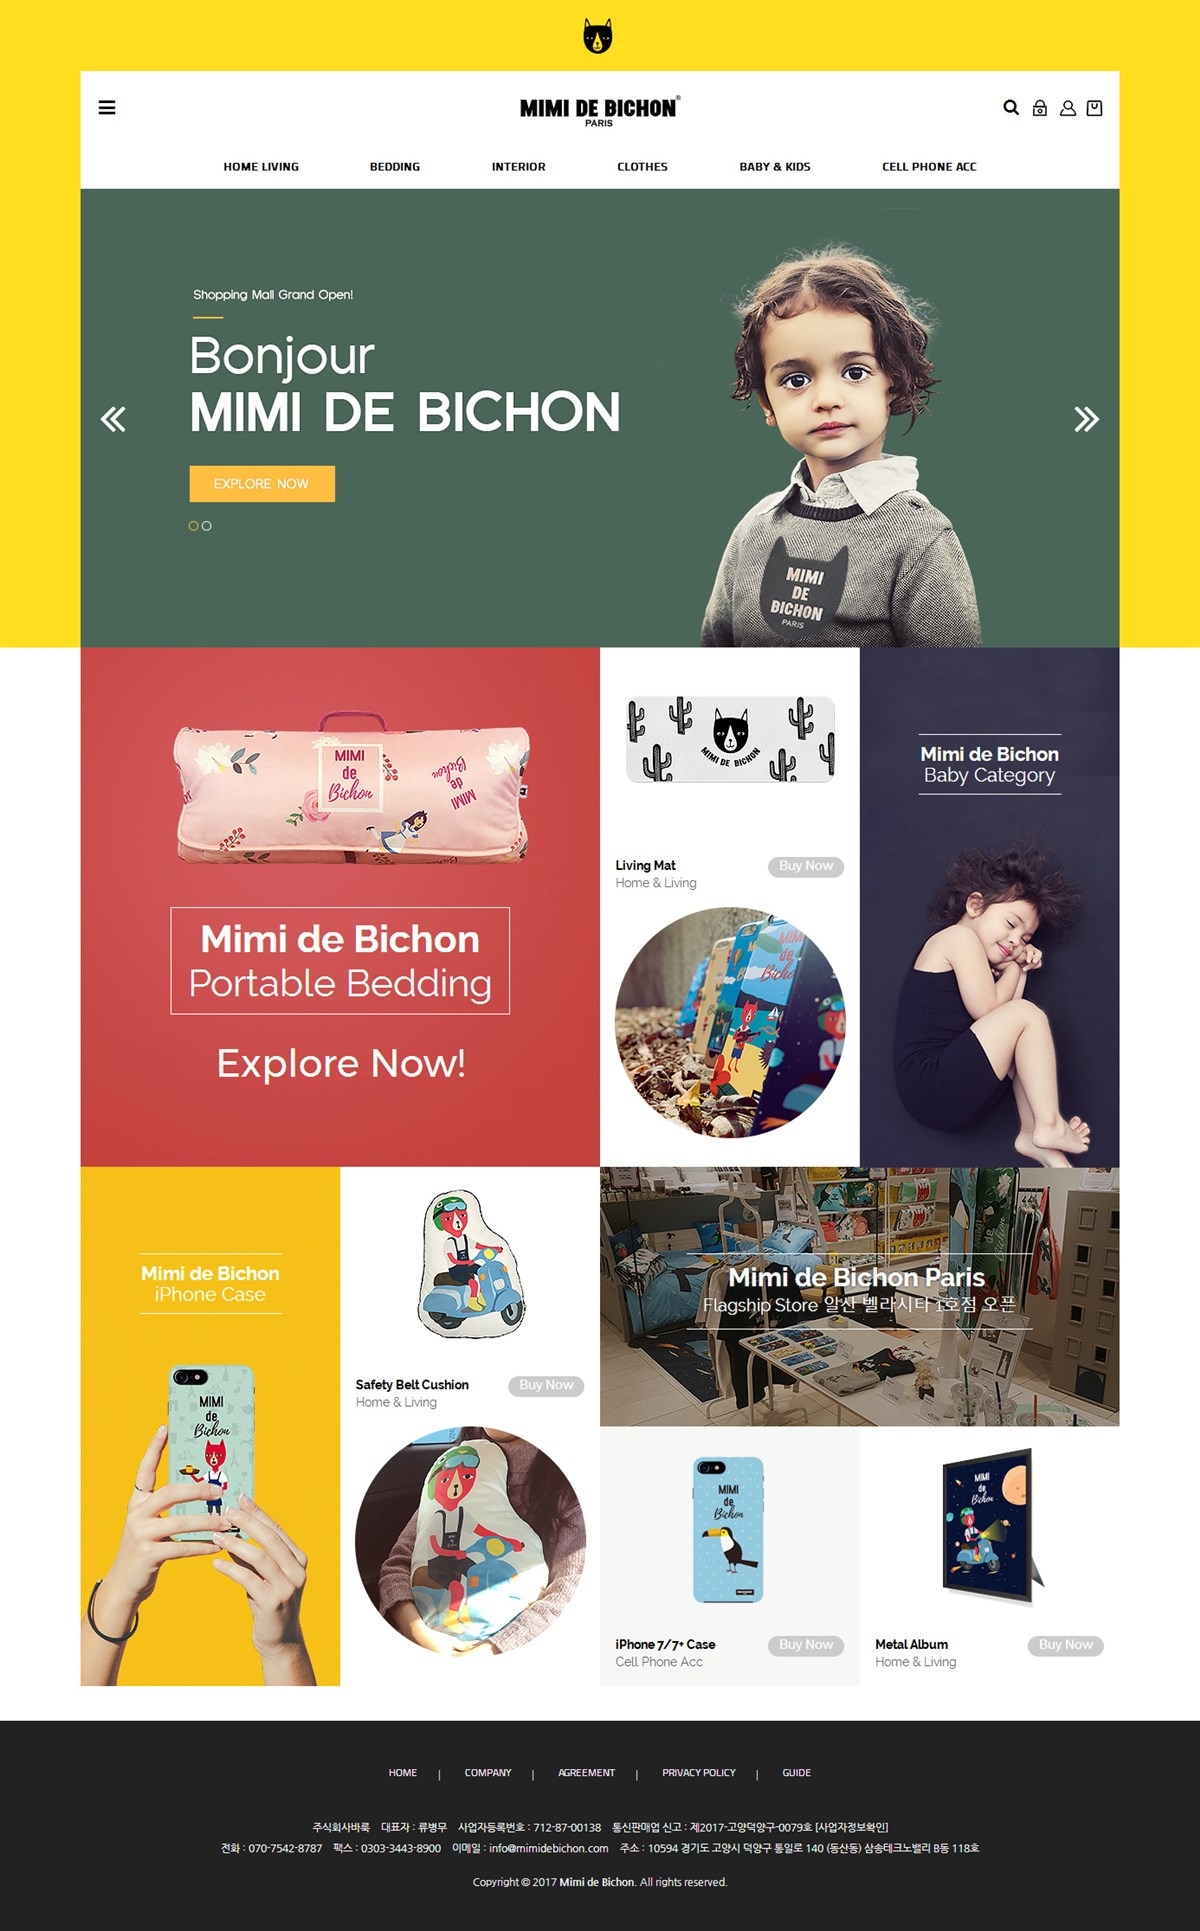 咪咪de比熊店网页设计